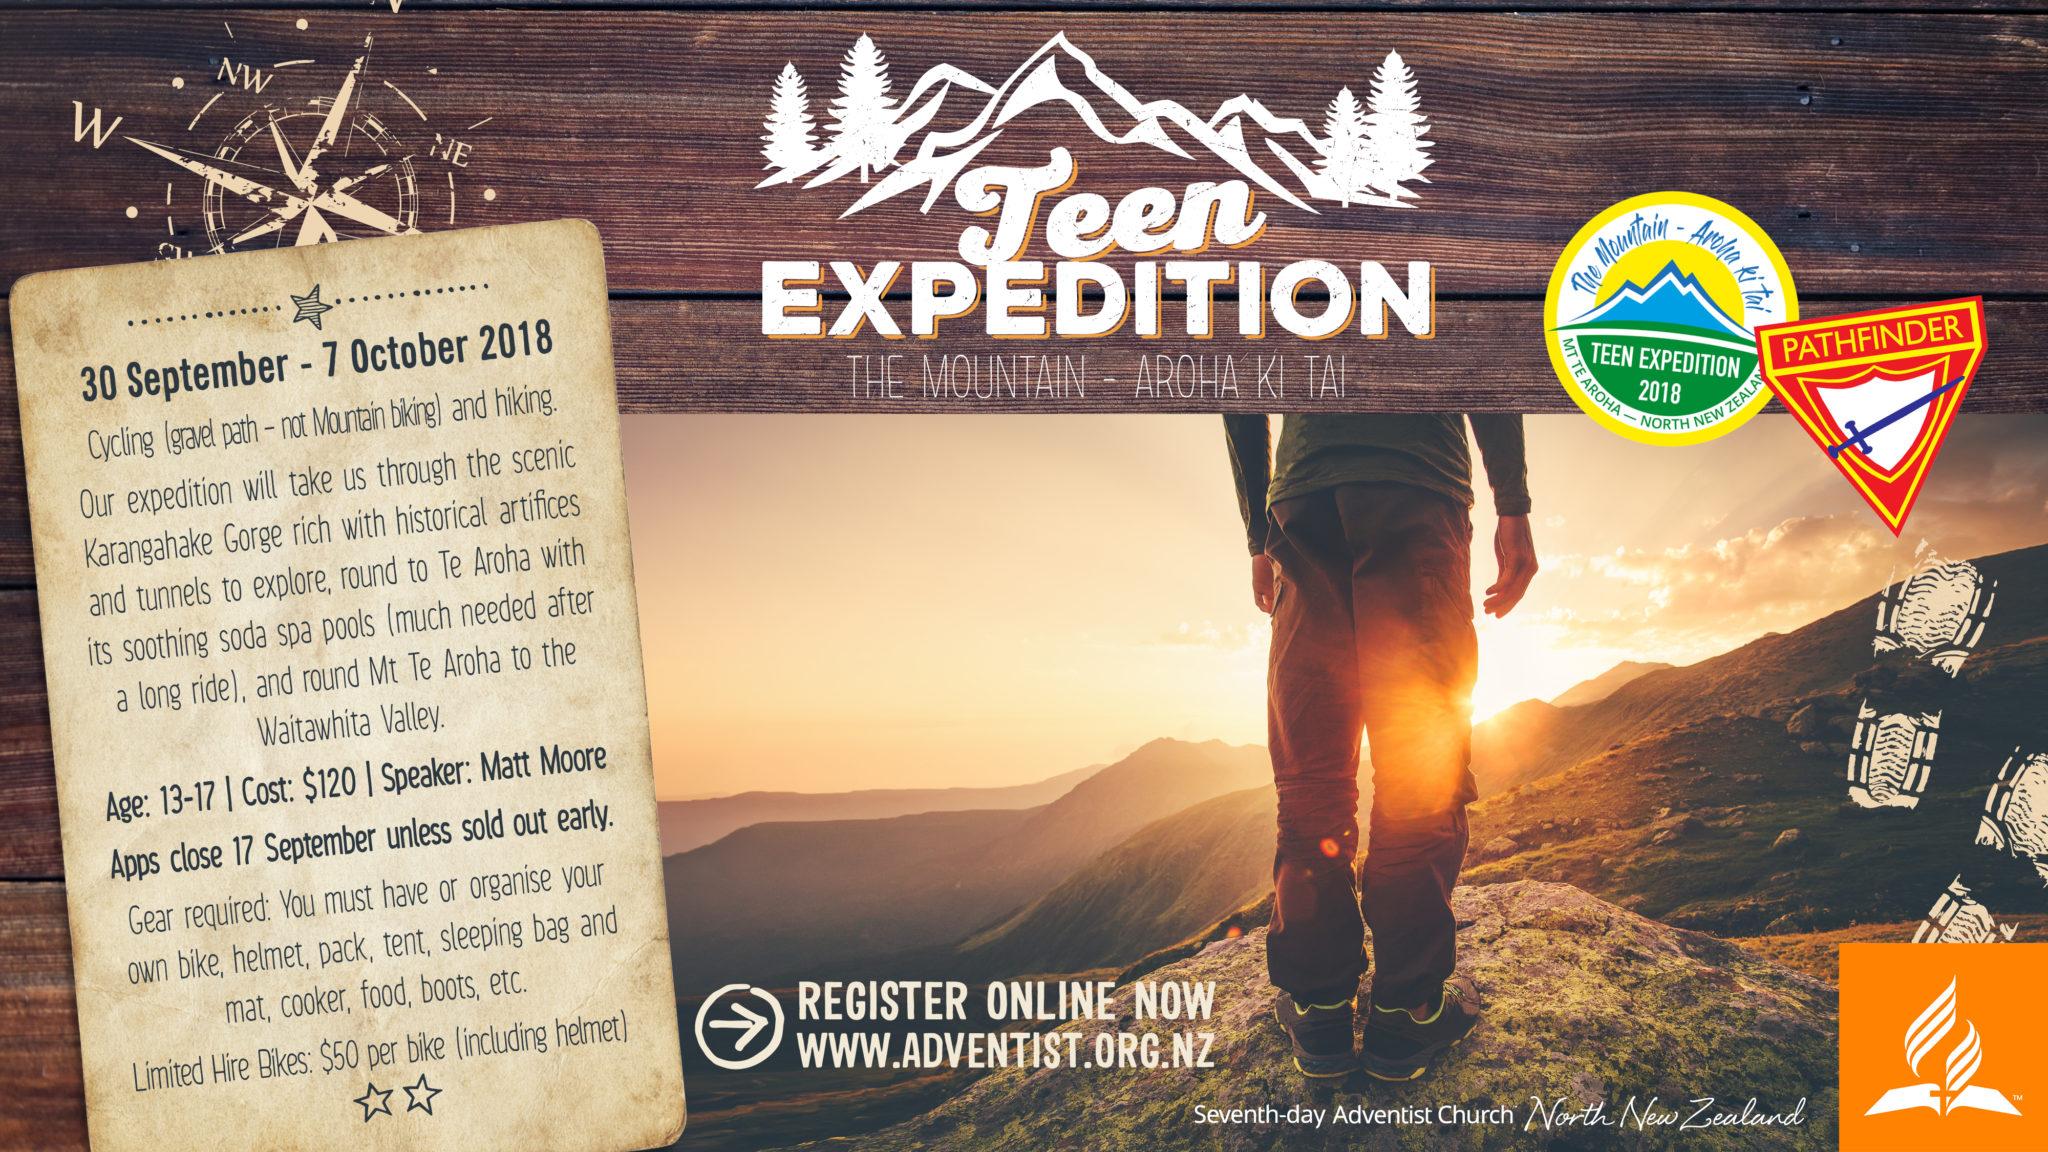 Teen Expedition 2018 - North Island @ The Mountain - Aroha Ki Tai